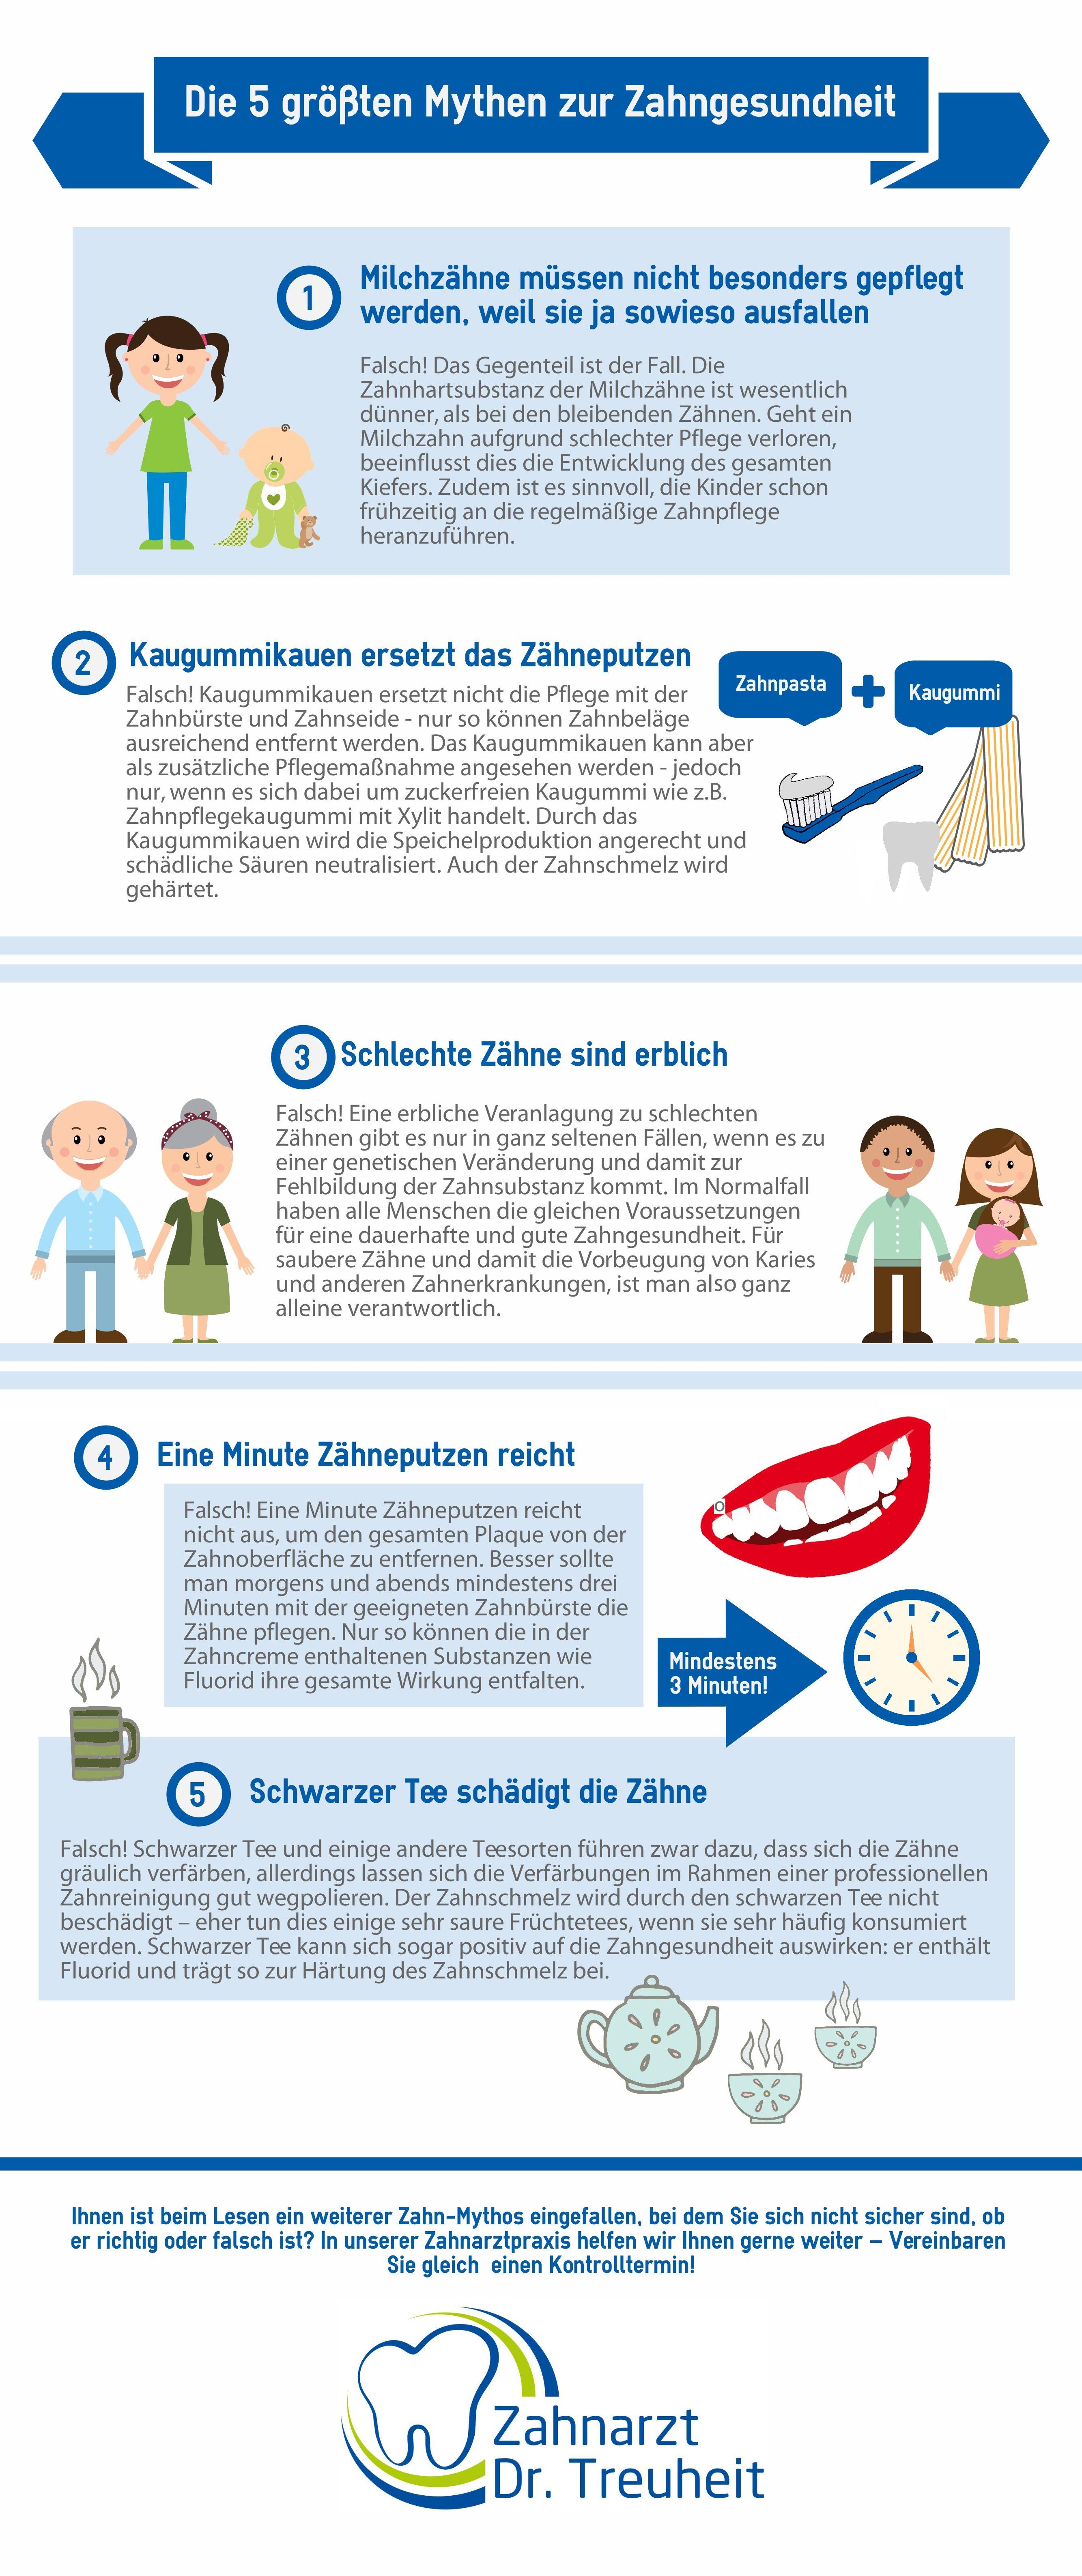 Mythen der Zahngesundheit | © Zahnarzt Dr. Treuheit